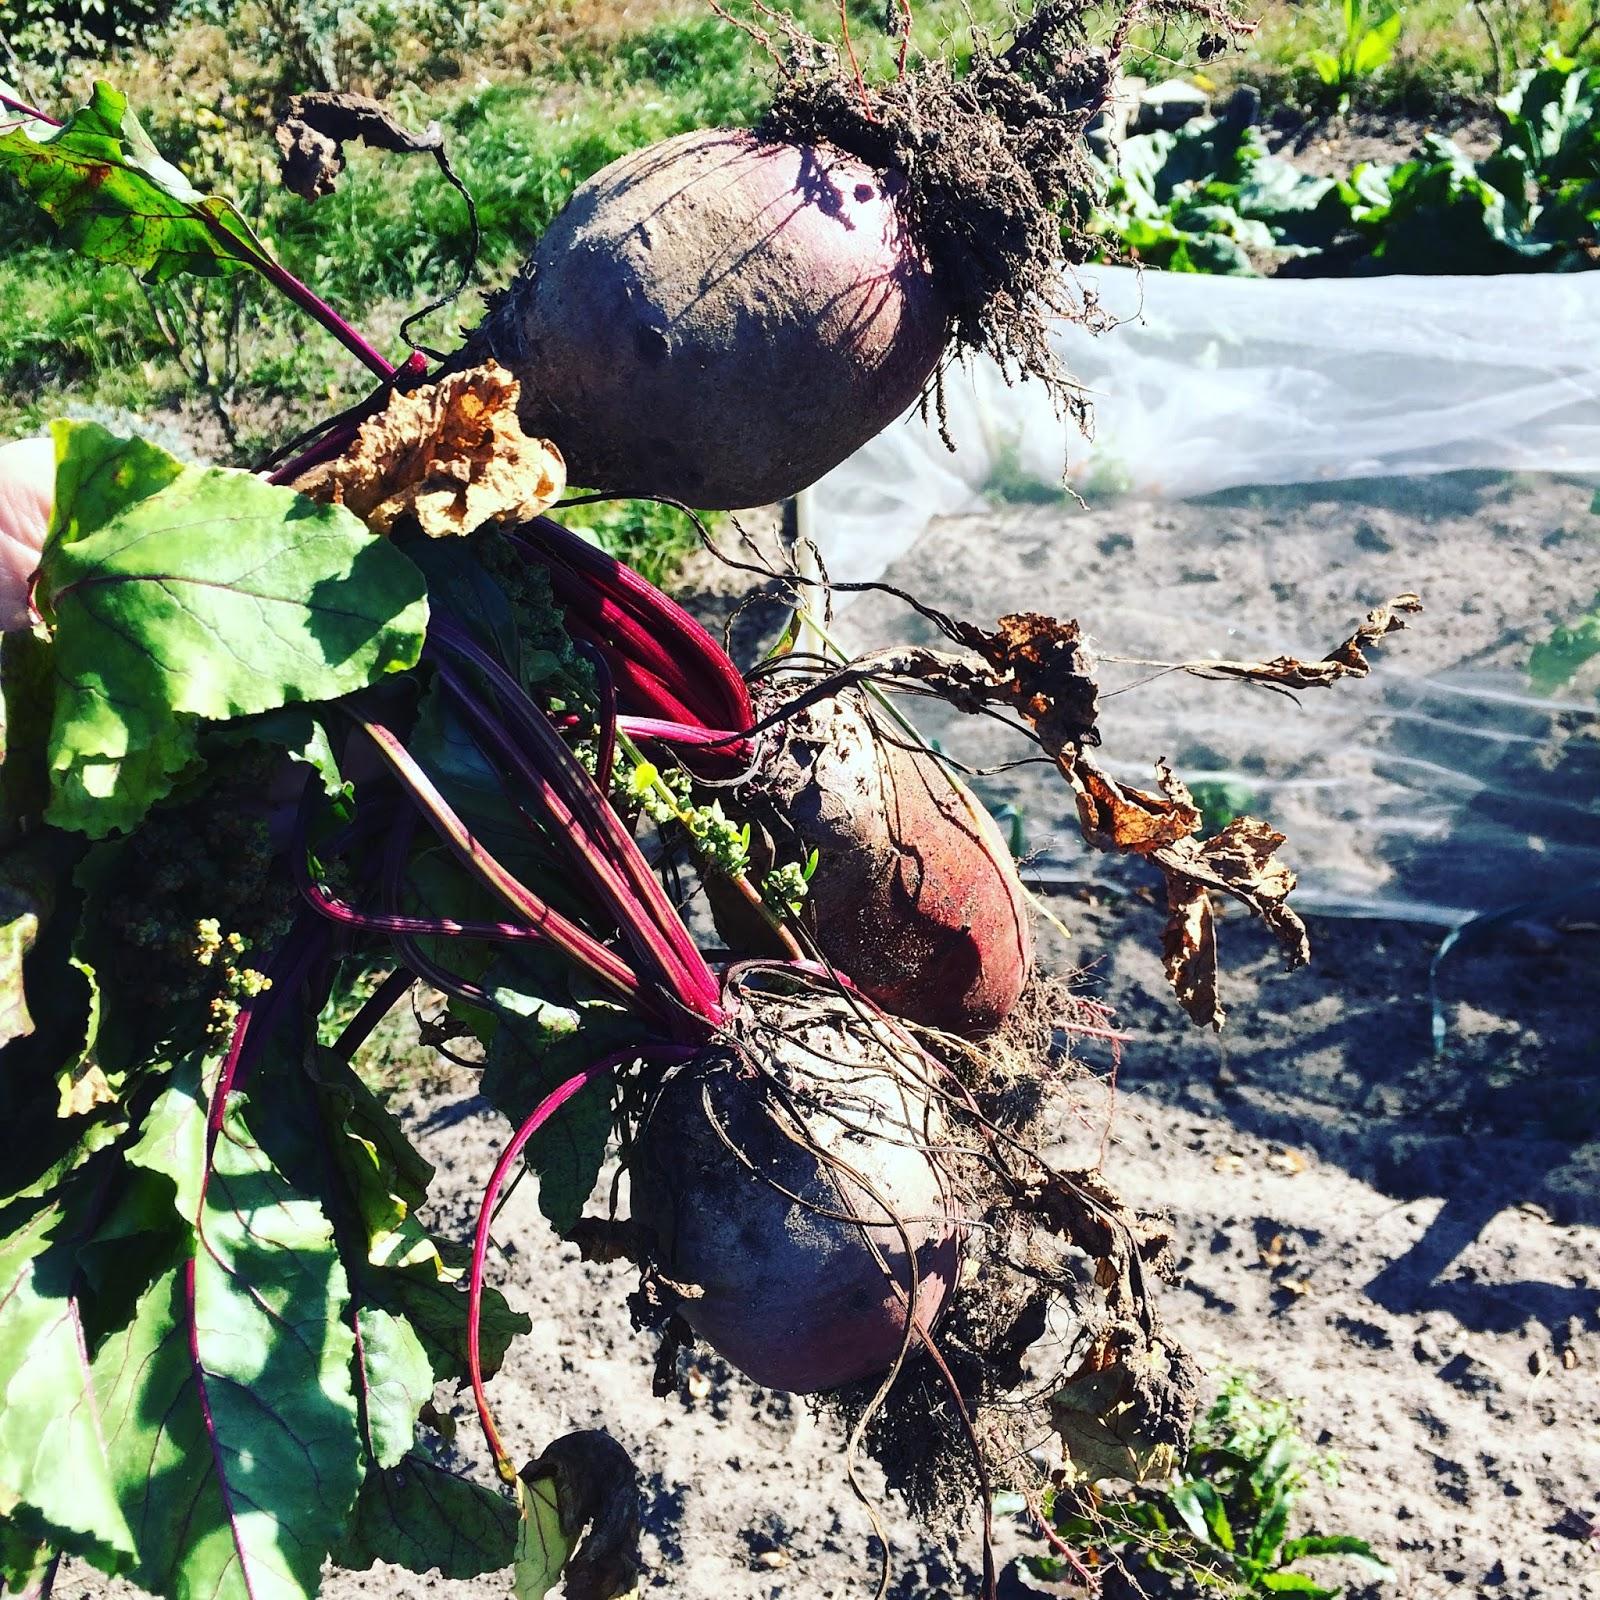 moestuin herfst najaar volkstuin zon mulch permacultuur bieten